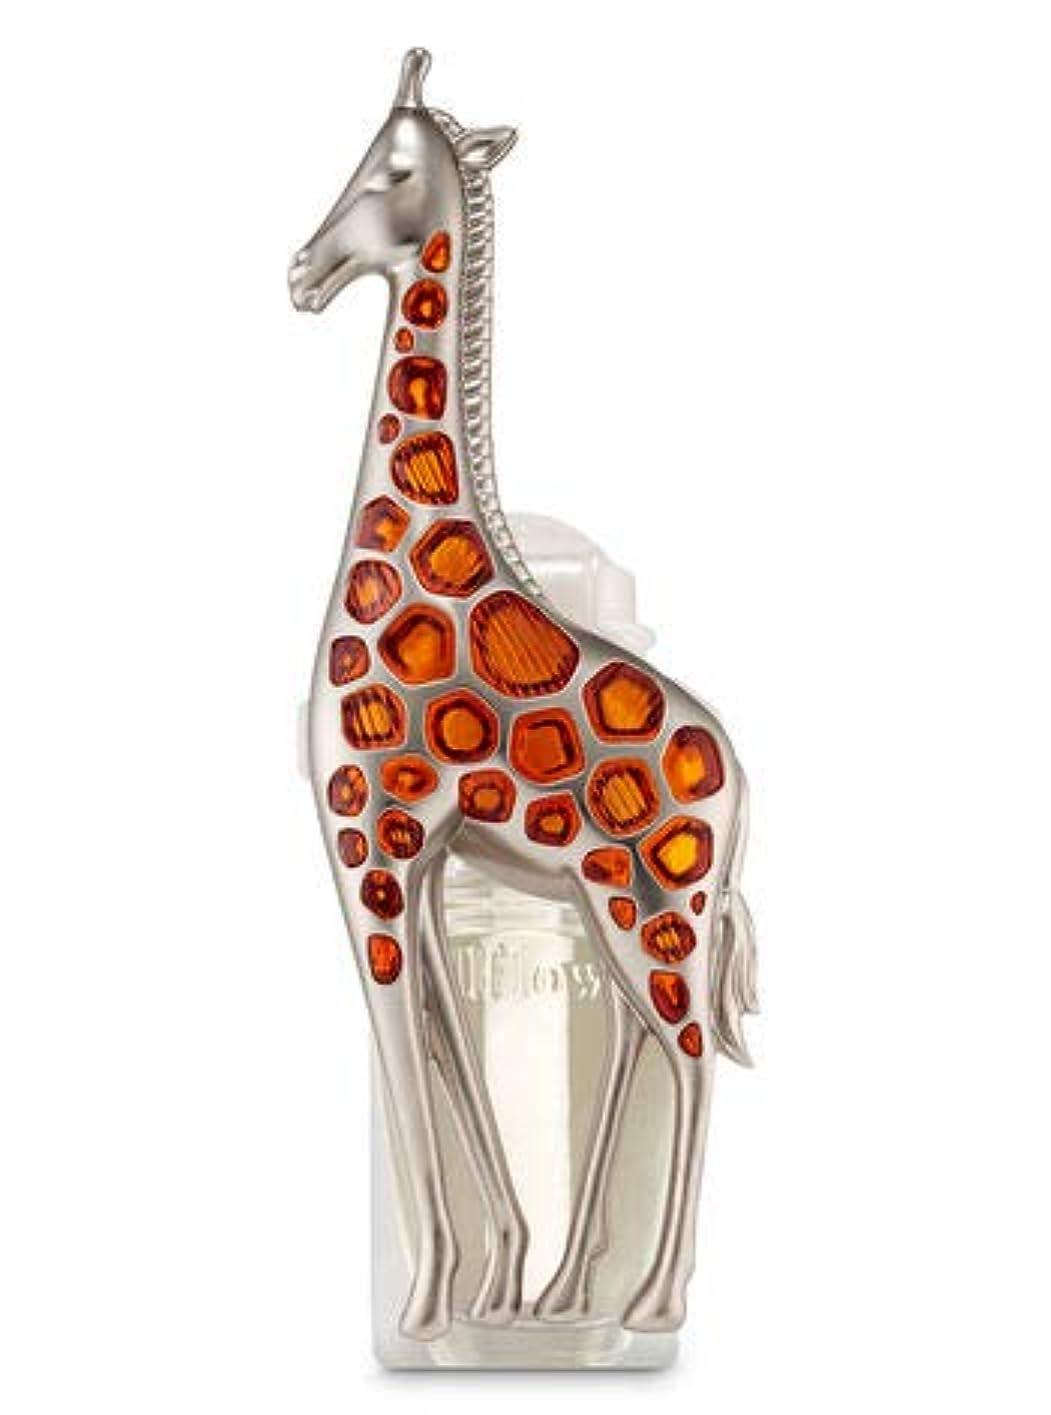 枯れるお祝い盟主【Bath&Body Works/バス&ボディワークス】 ルームフレグランス プラグインスターター (本体のみ) キリン ナイトライト Wallflowers Fragrance Plug Giraffe Night Light [並行輸入品]